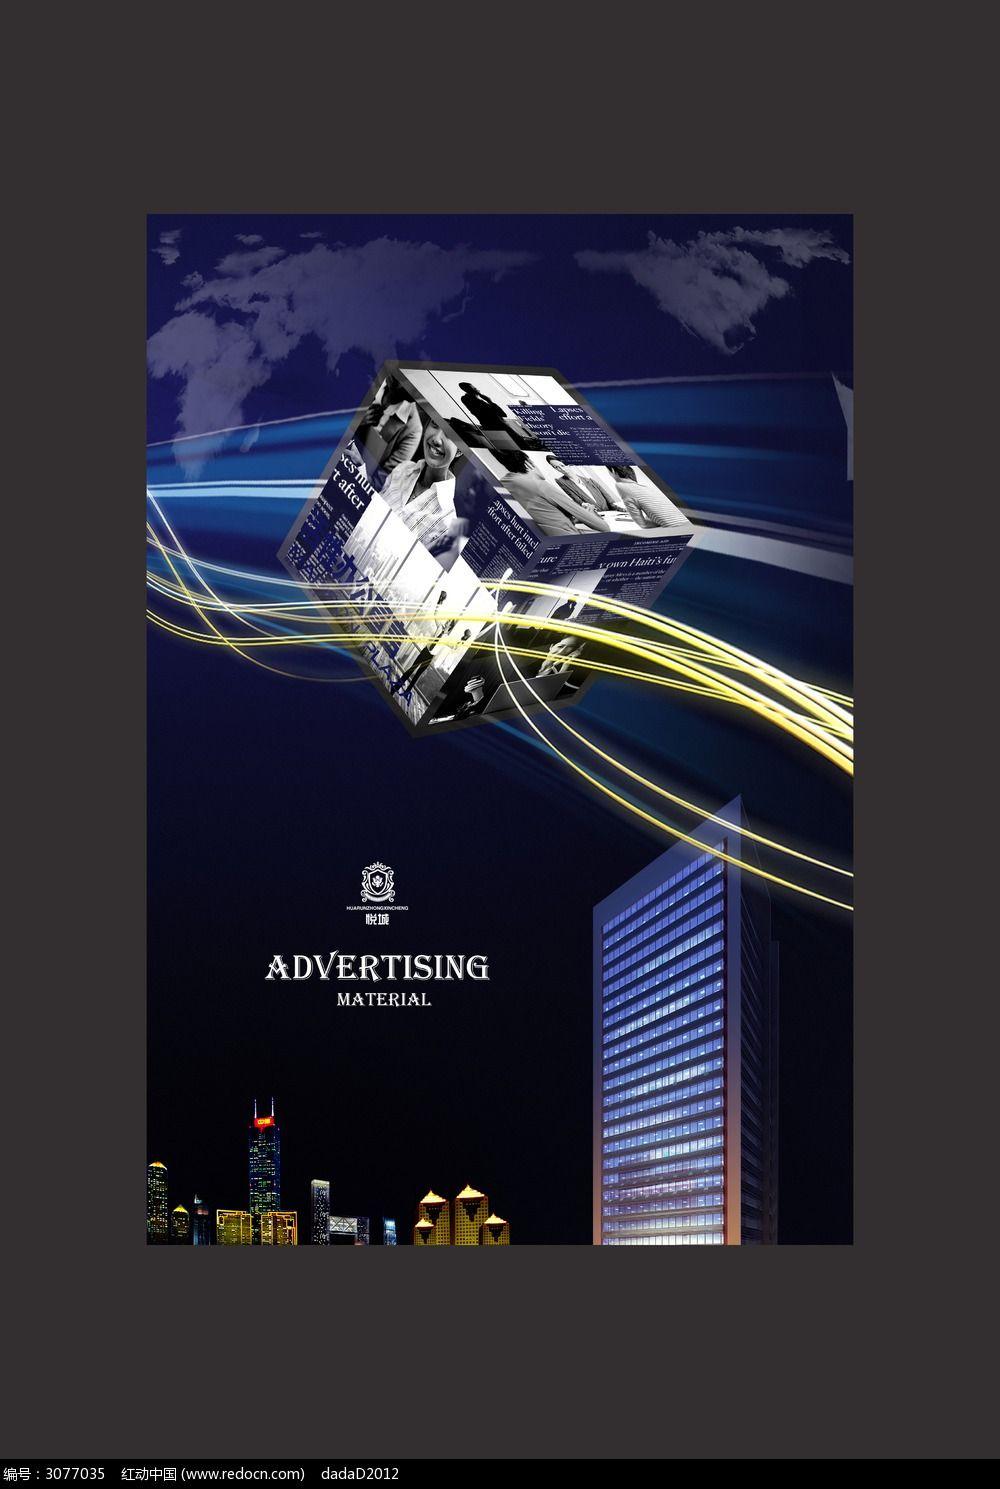 原创设计稿 海报设计/宣传单/广告牌 房地产广告 商业写字楼广告